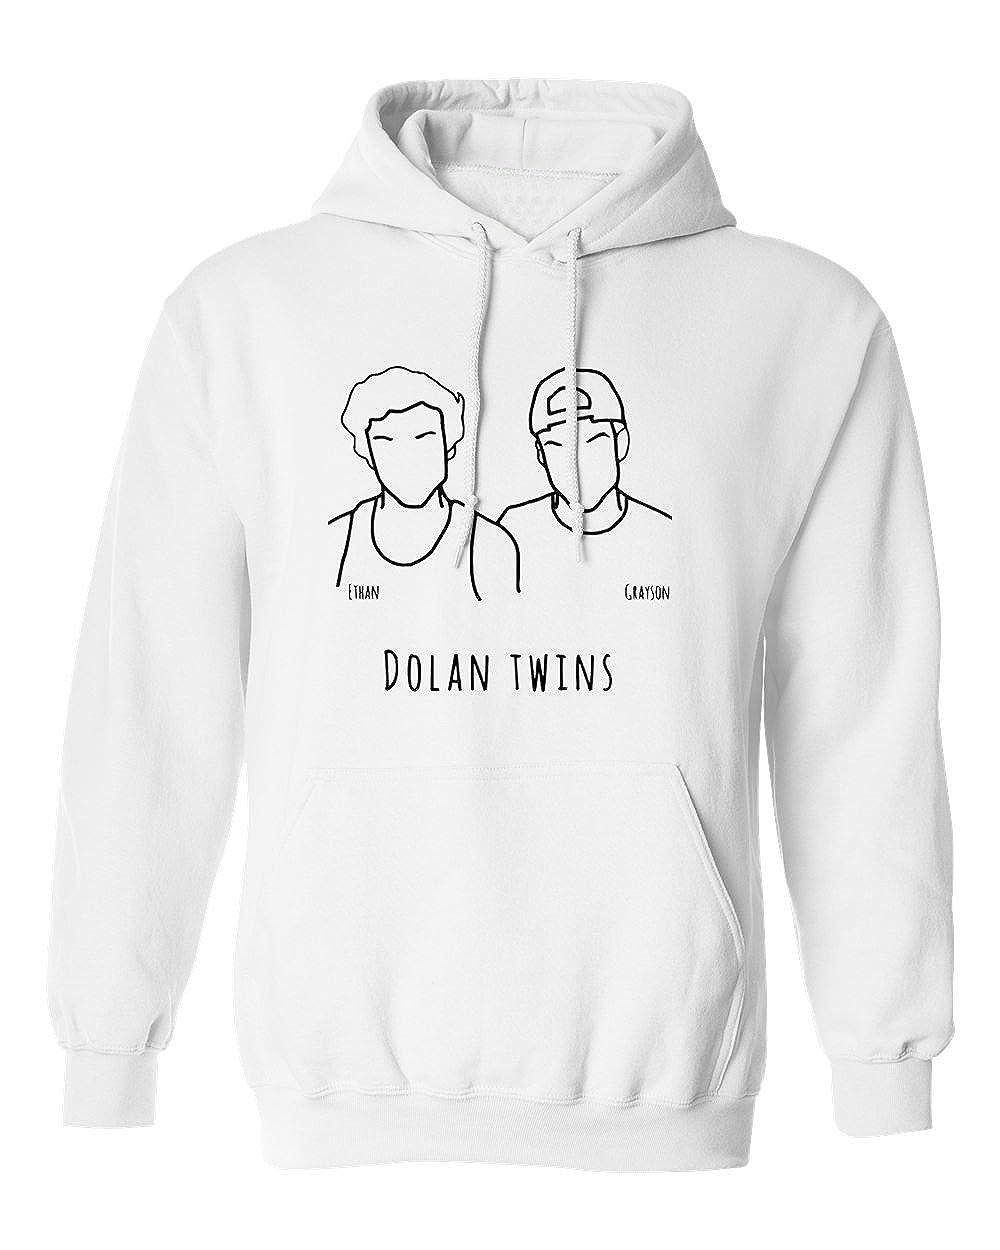 9786c0ee4 Amazon.com: SHEKI APPAREL Dolan Twins Mens Hoodie Hooded Sweatshirt:  Clothing